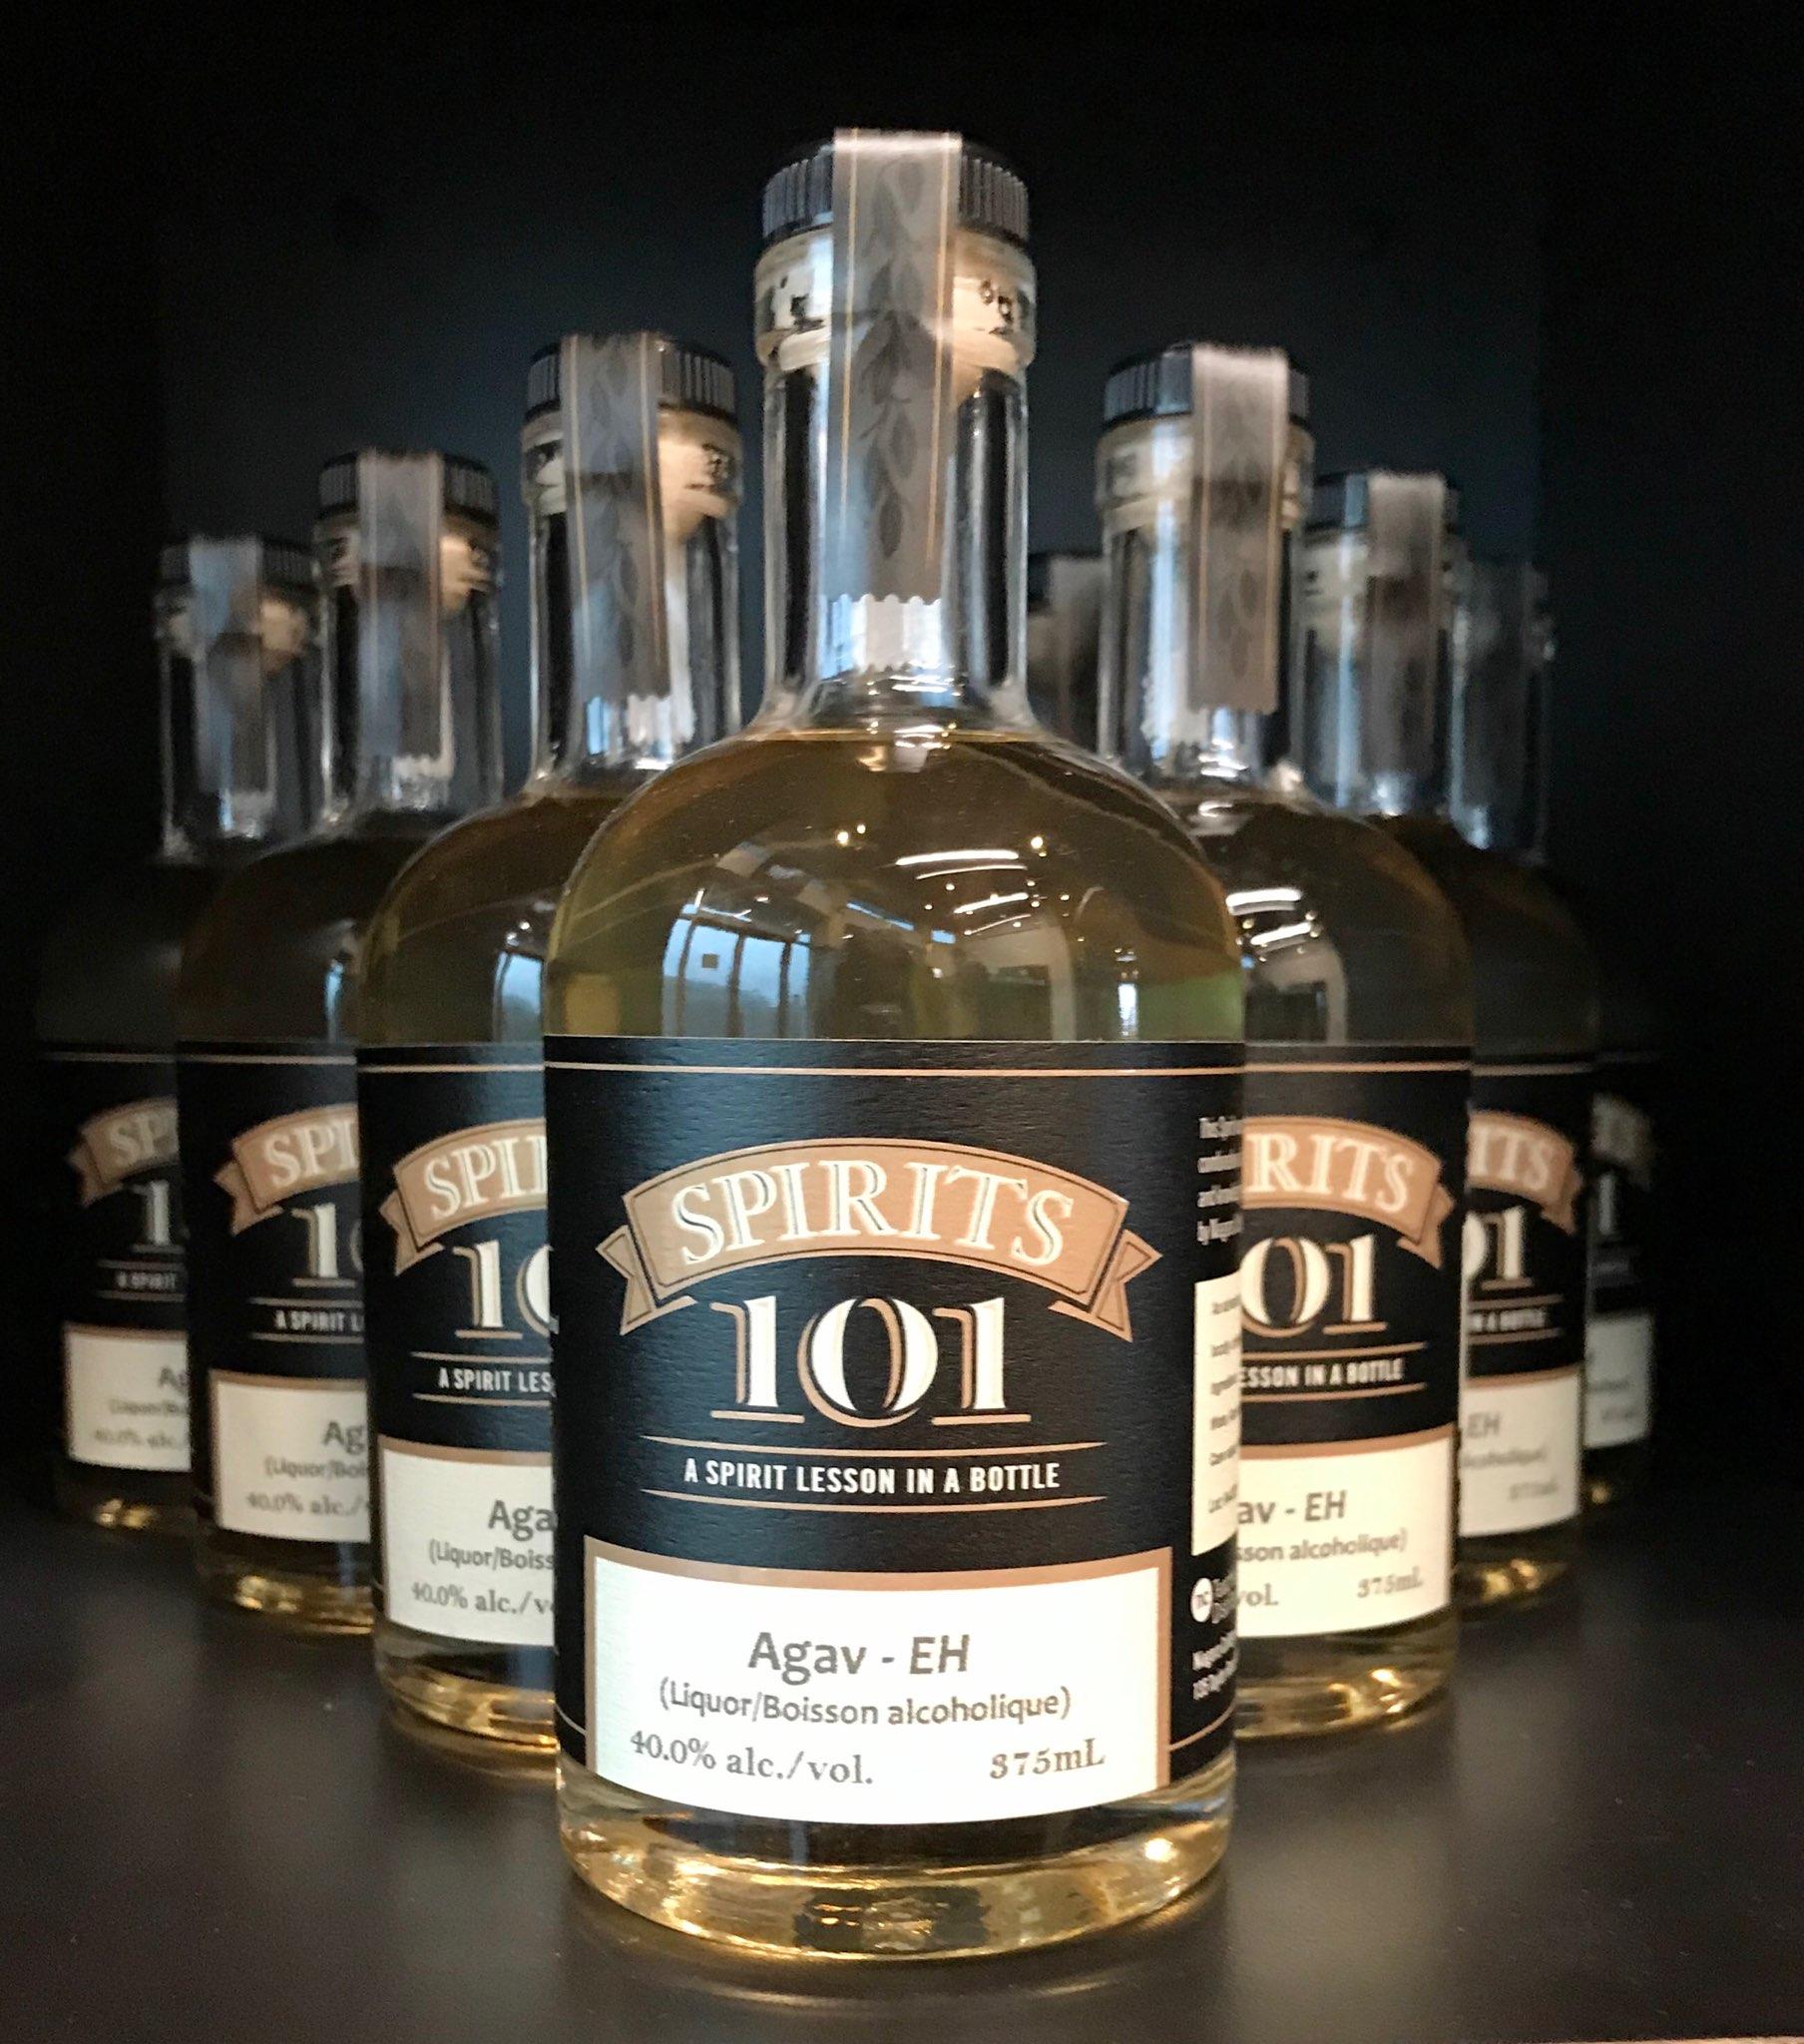 Niagara College Teaching Distillery unveils quartet of unique student-made spirits